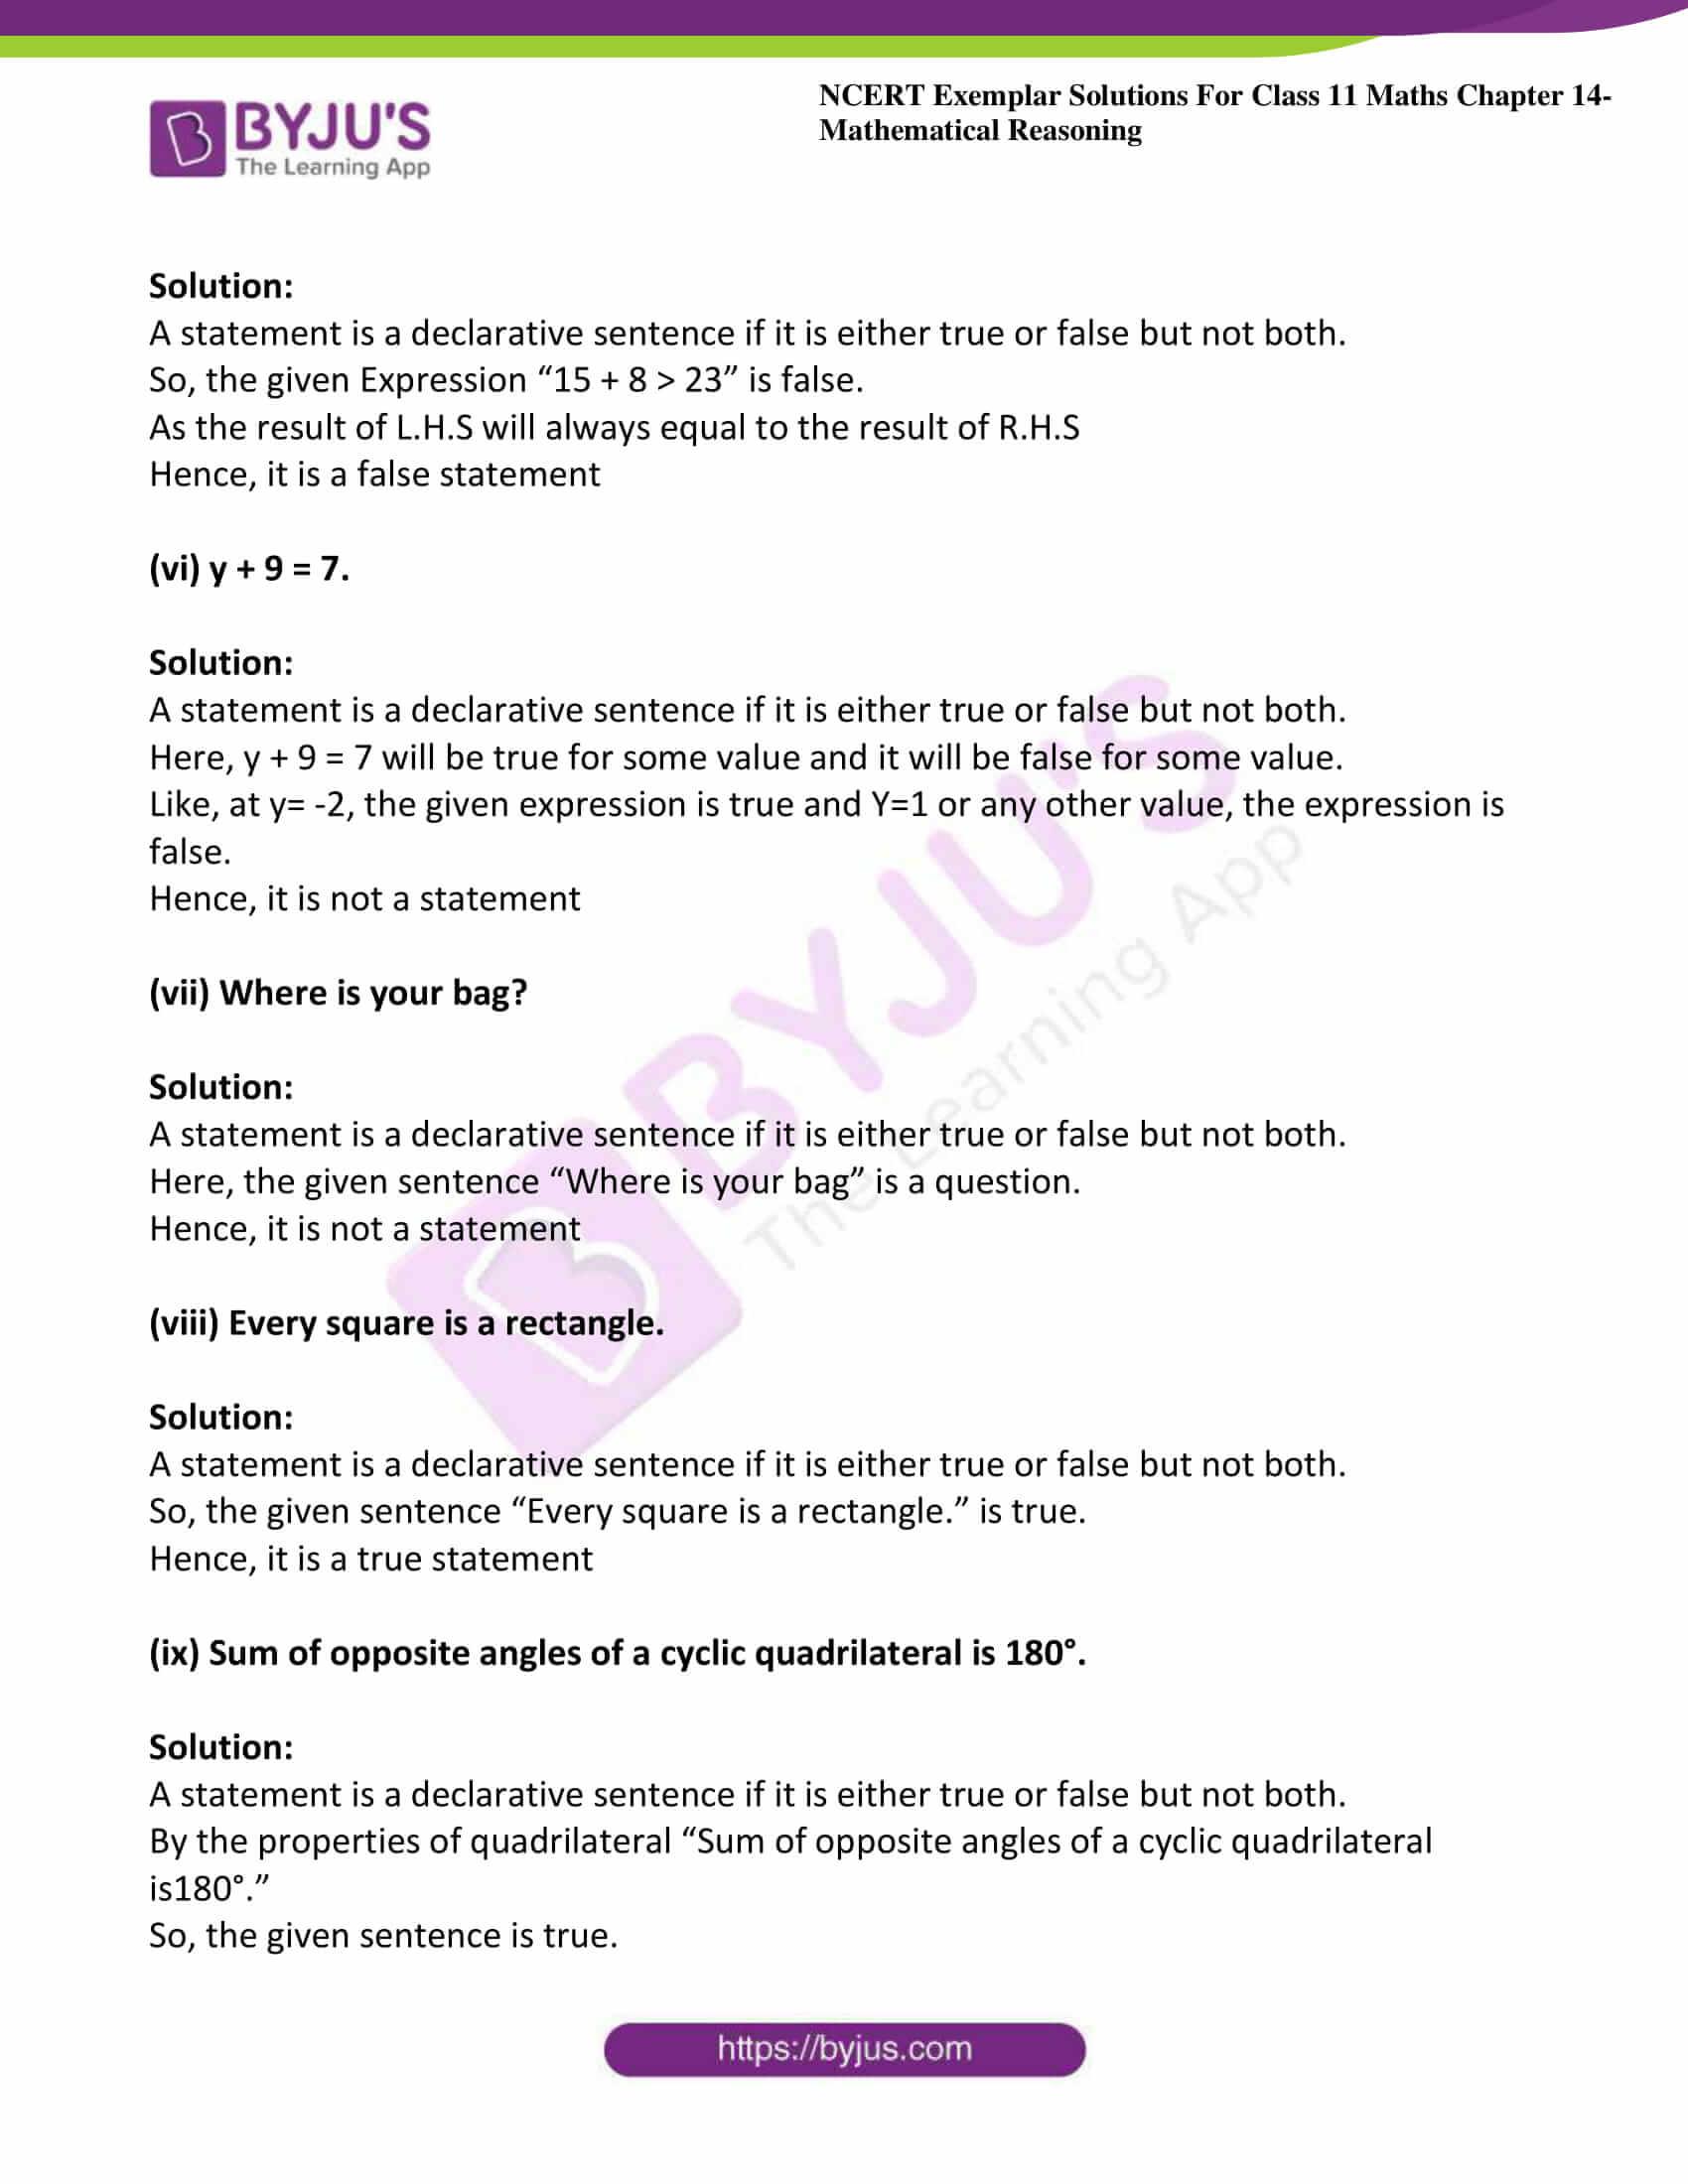 ncert exemplar sol class 11 maths chpt 14 mathematical 02